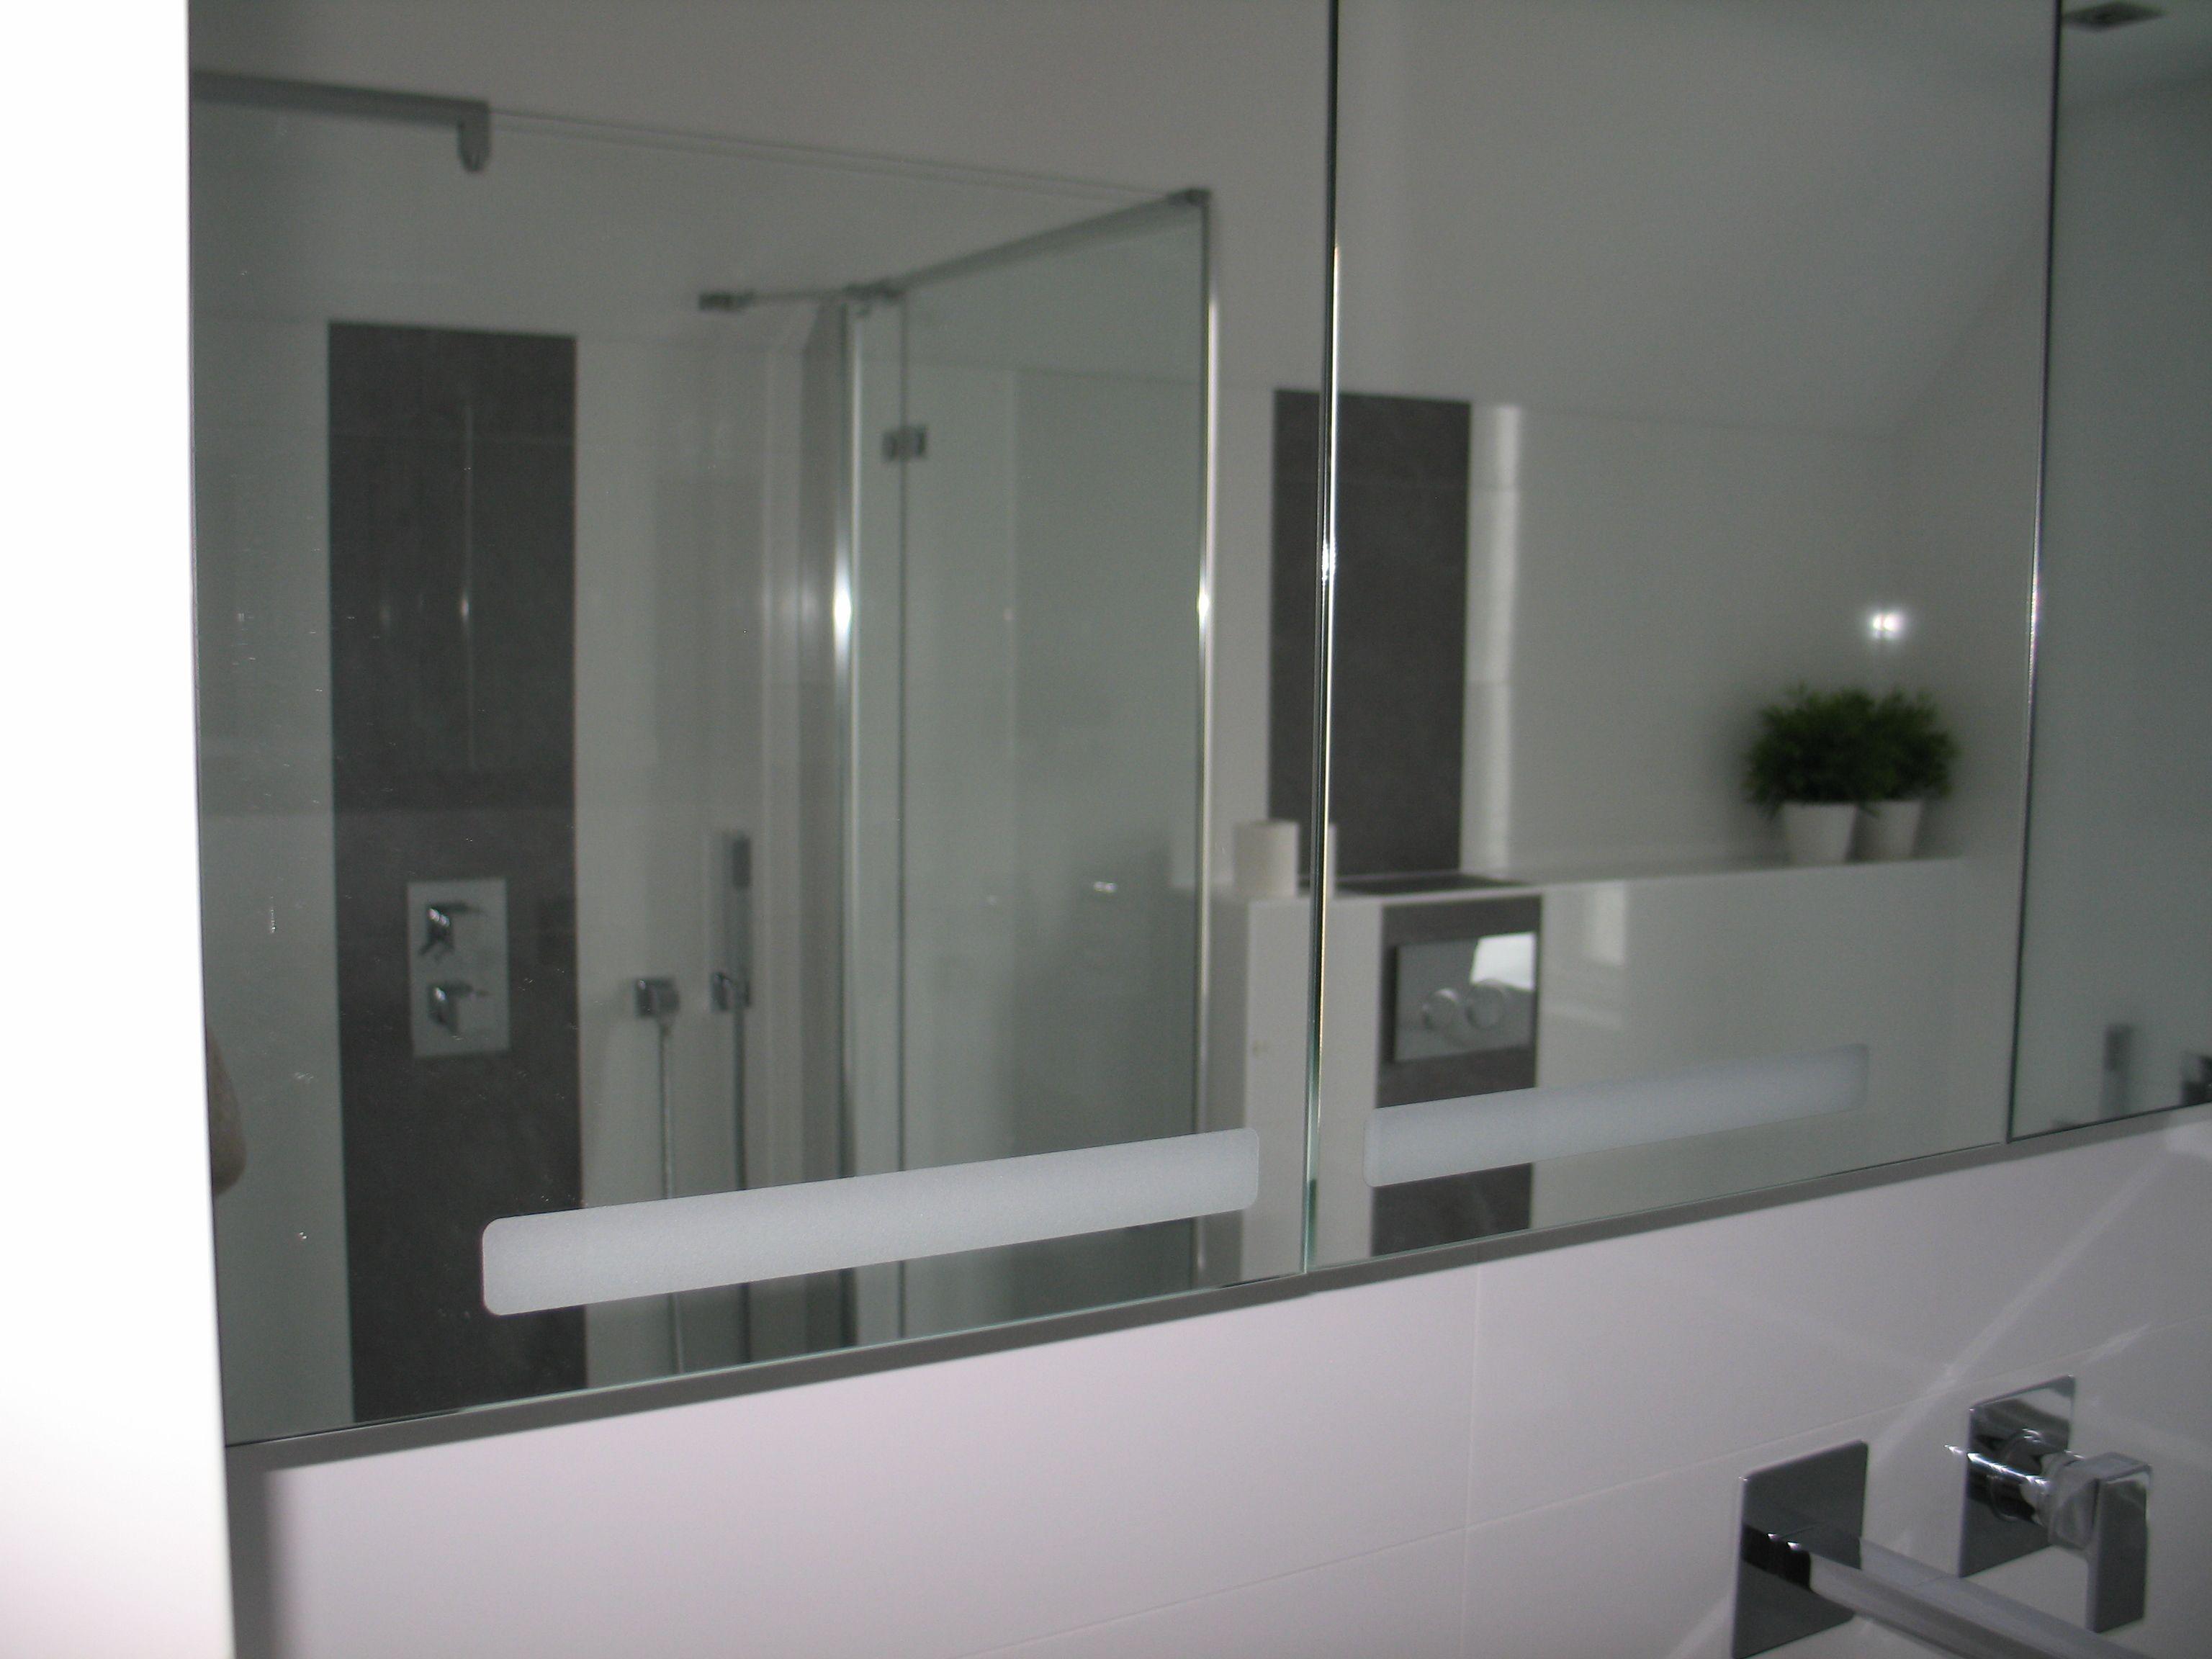 Spiegelwand maakt badkamer groter. deze is gedeeltelijk voorzien van